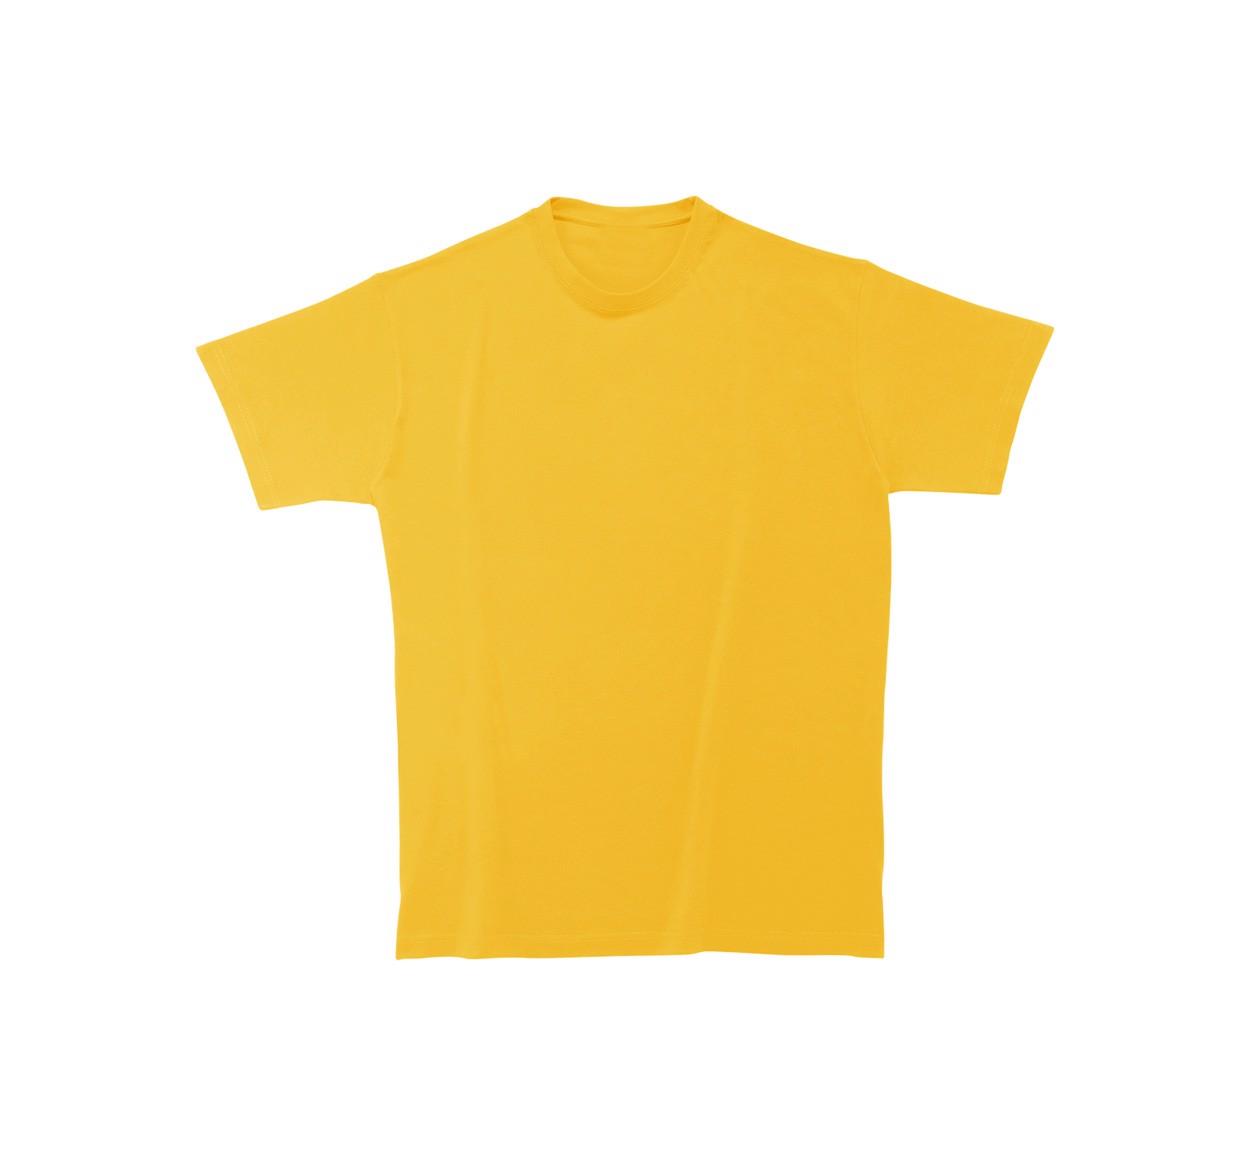 Tričko Heavy Cotton - Žlutá / XL